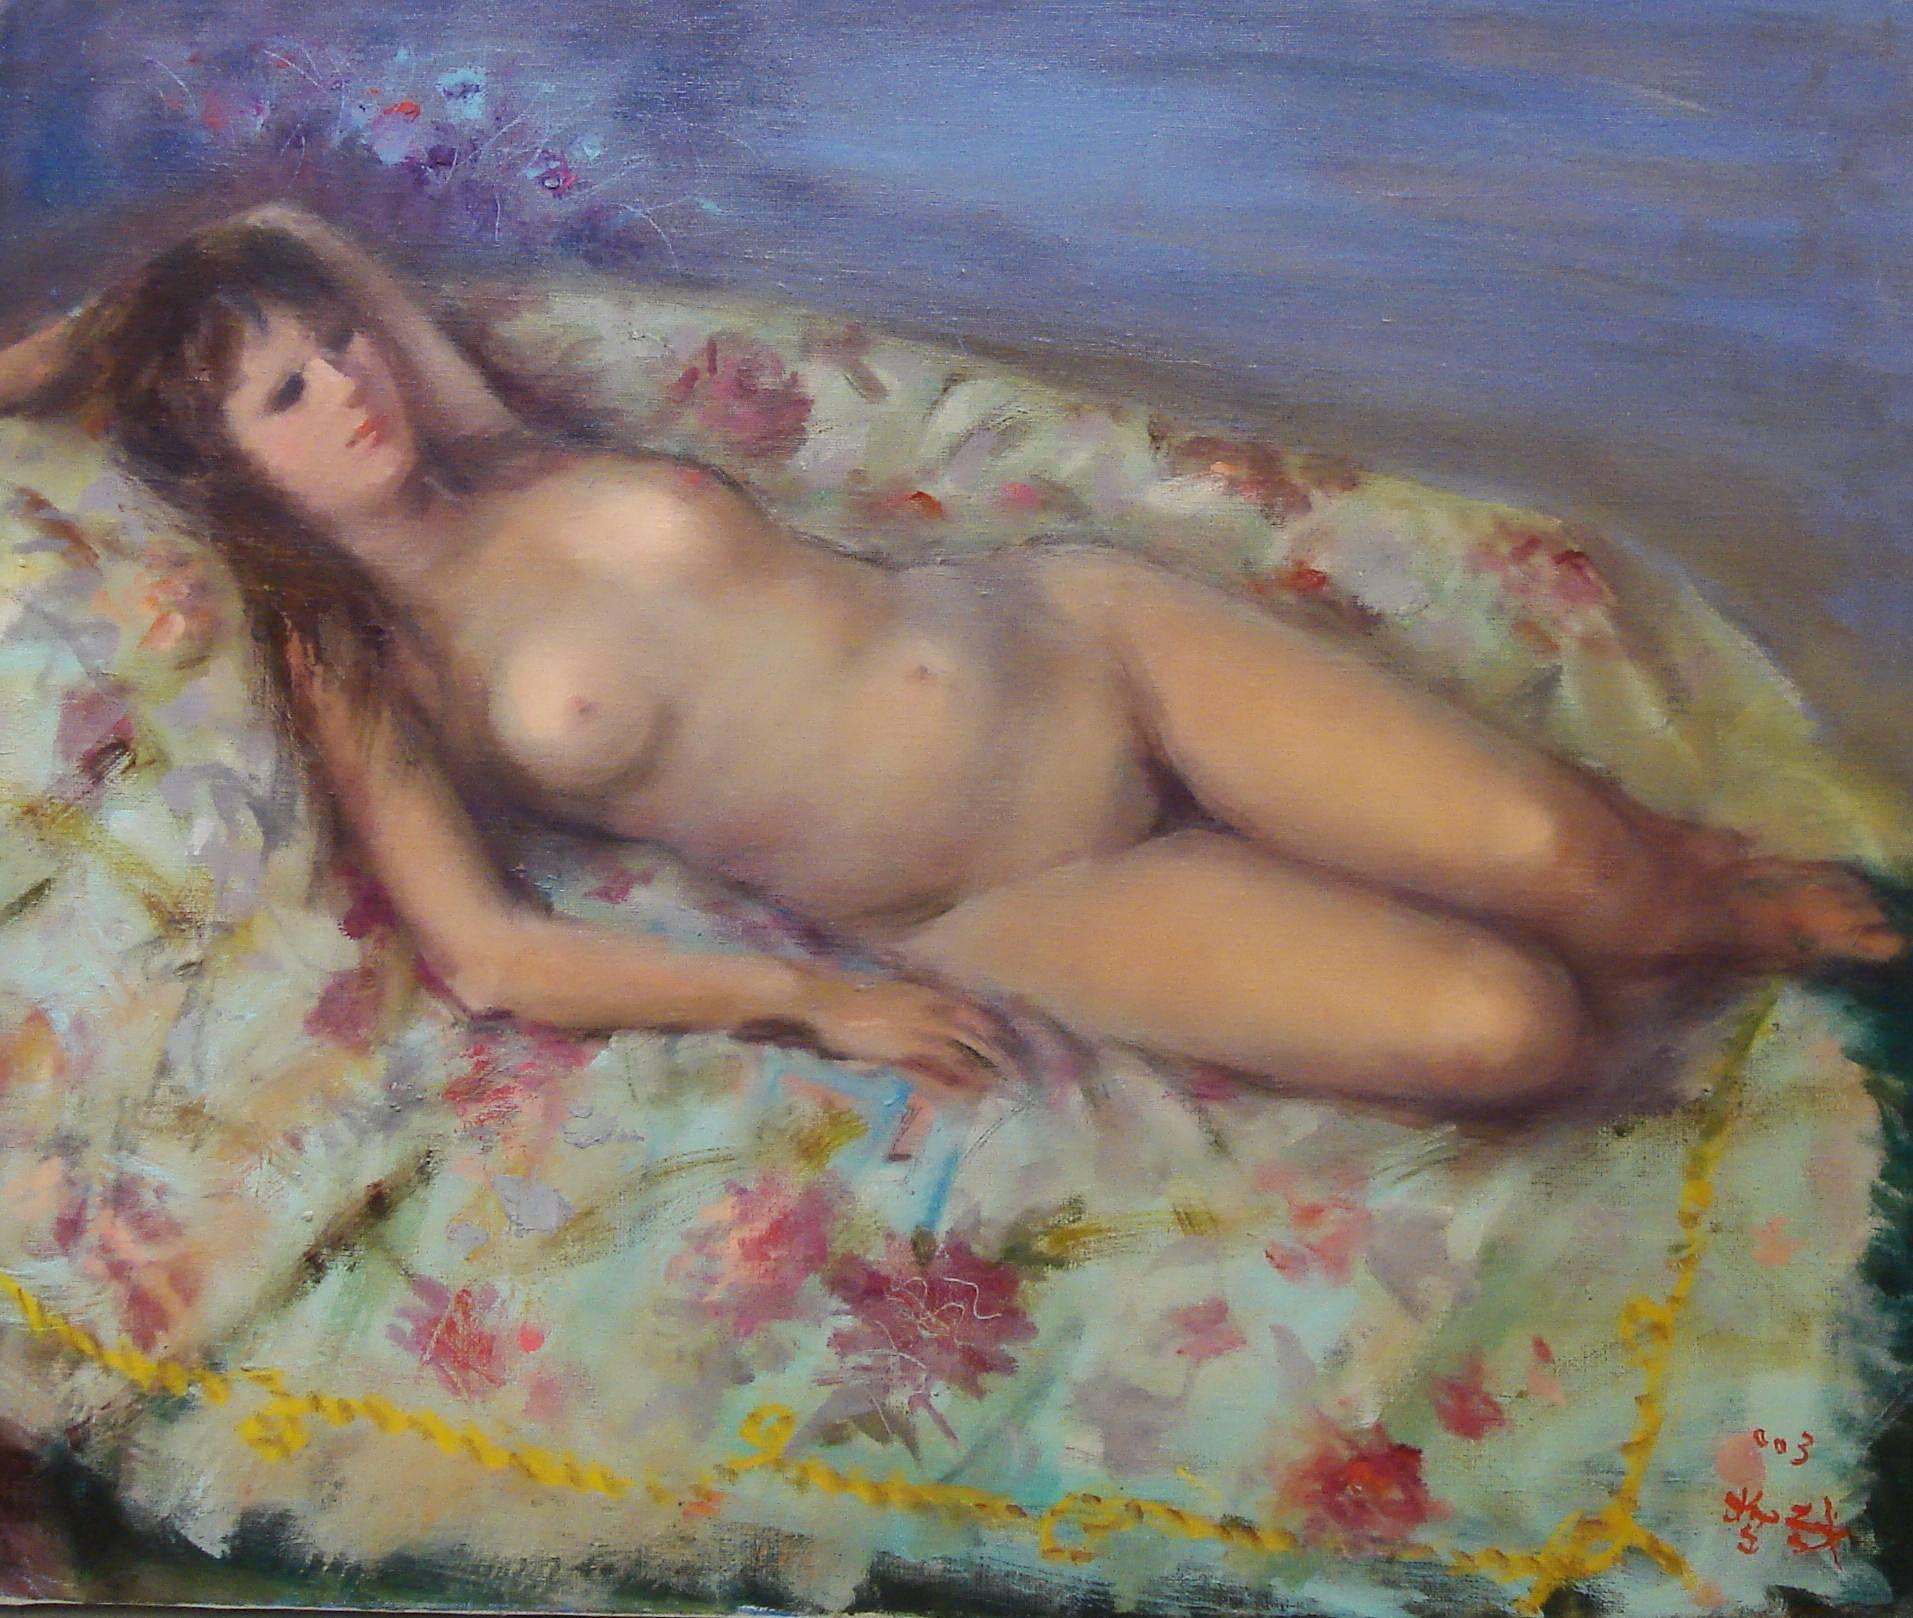 沈哲哉|裸女|2003|油彩|12F